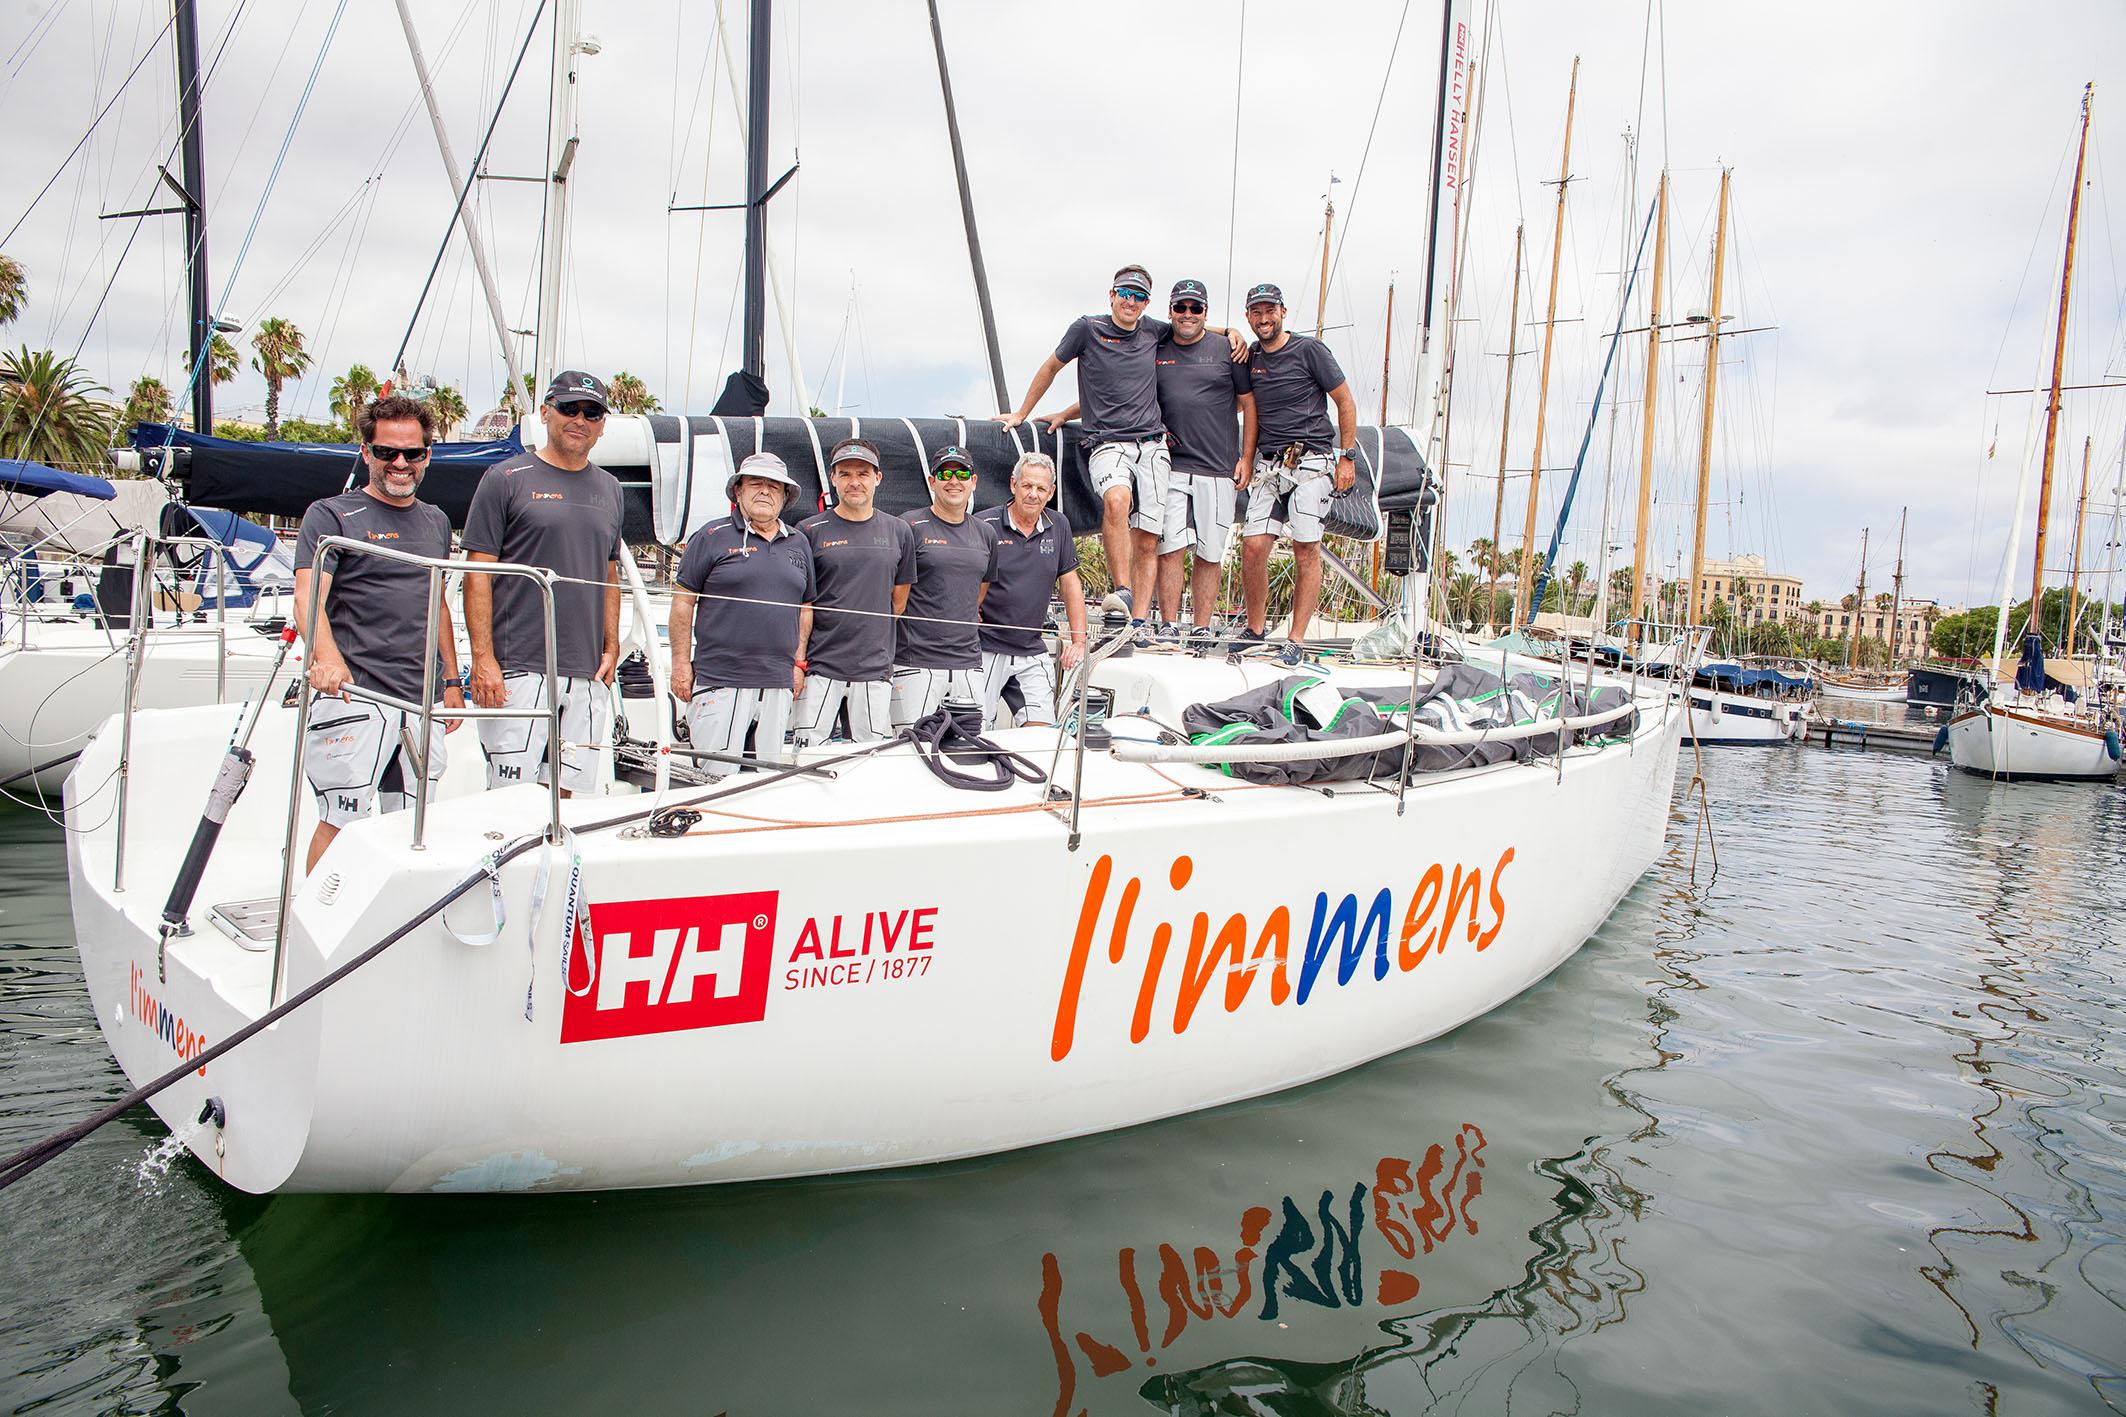 L'Immens HH gana el Trofeo de vela Conde de Godó por cuarto año consecutivo